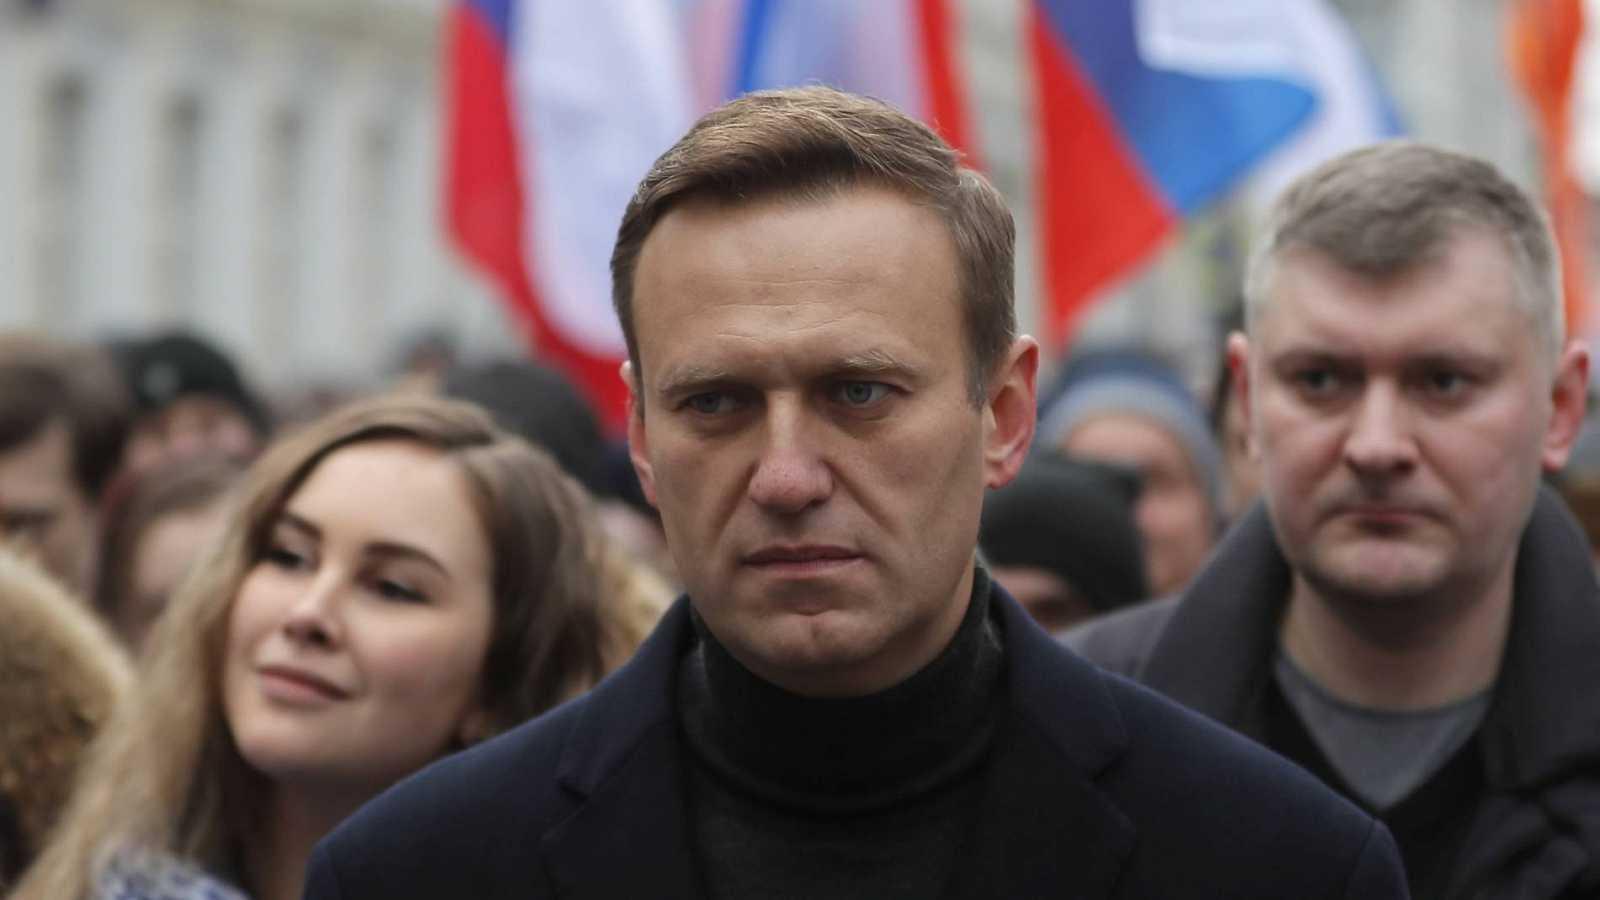 Los médicos que atienden al opositor ruso Navalny no autorizan su traslado a Alemania